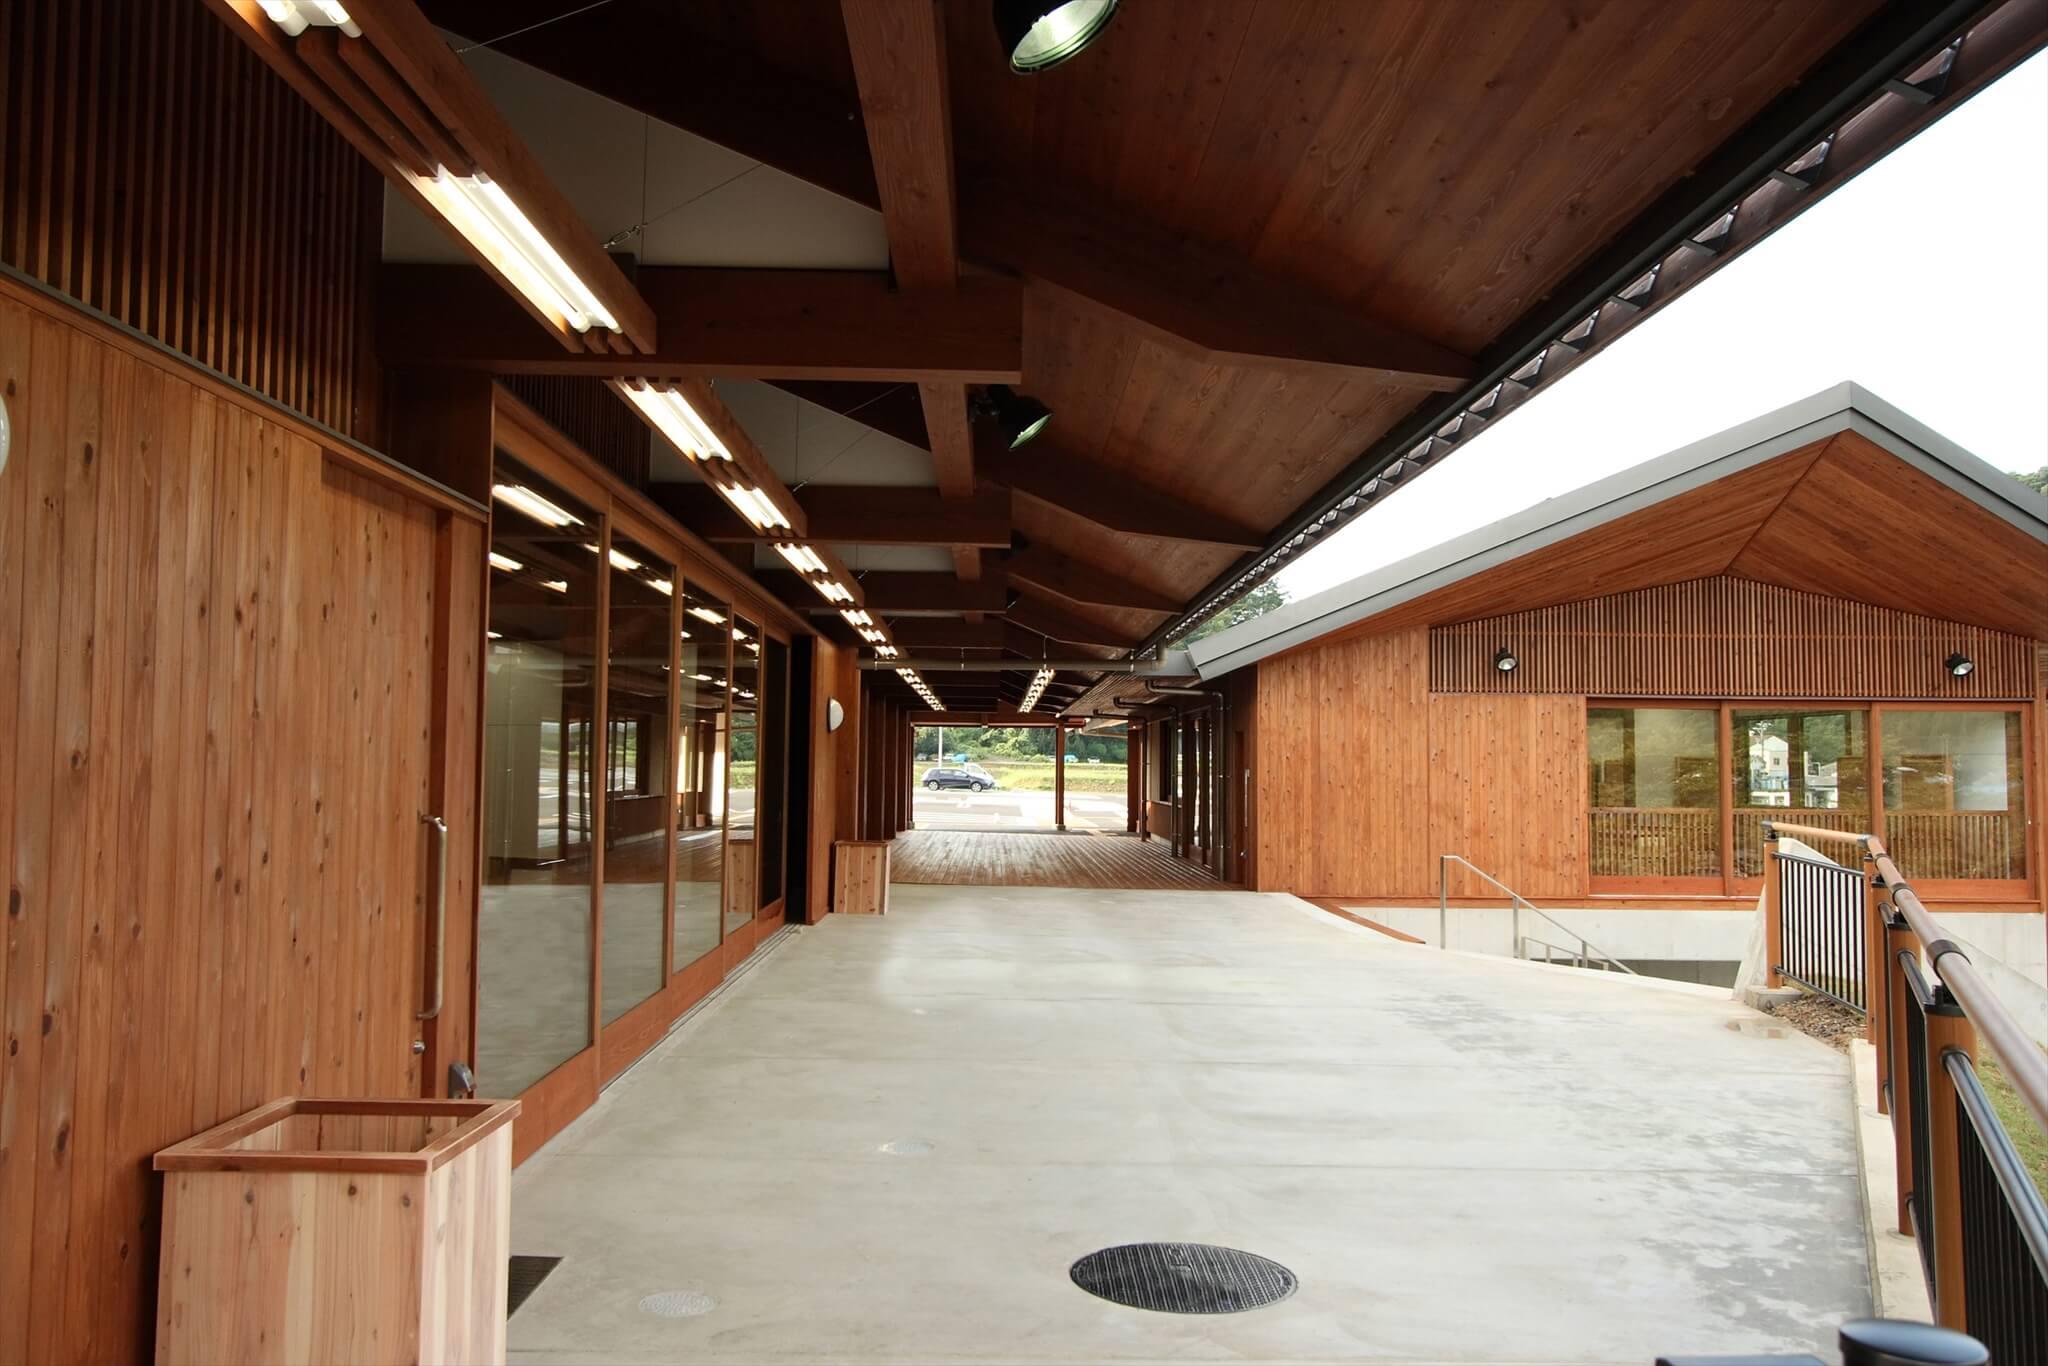 道の駅美濃にわか茶屋の軒下空間。ゆとりある軒が特徴的